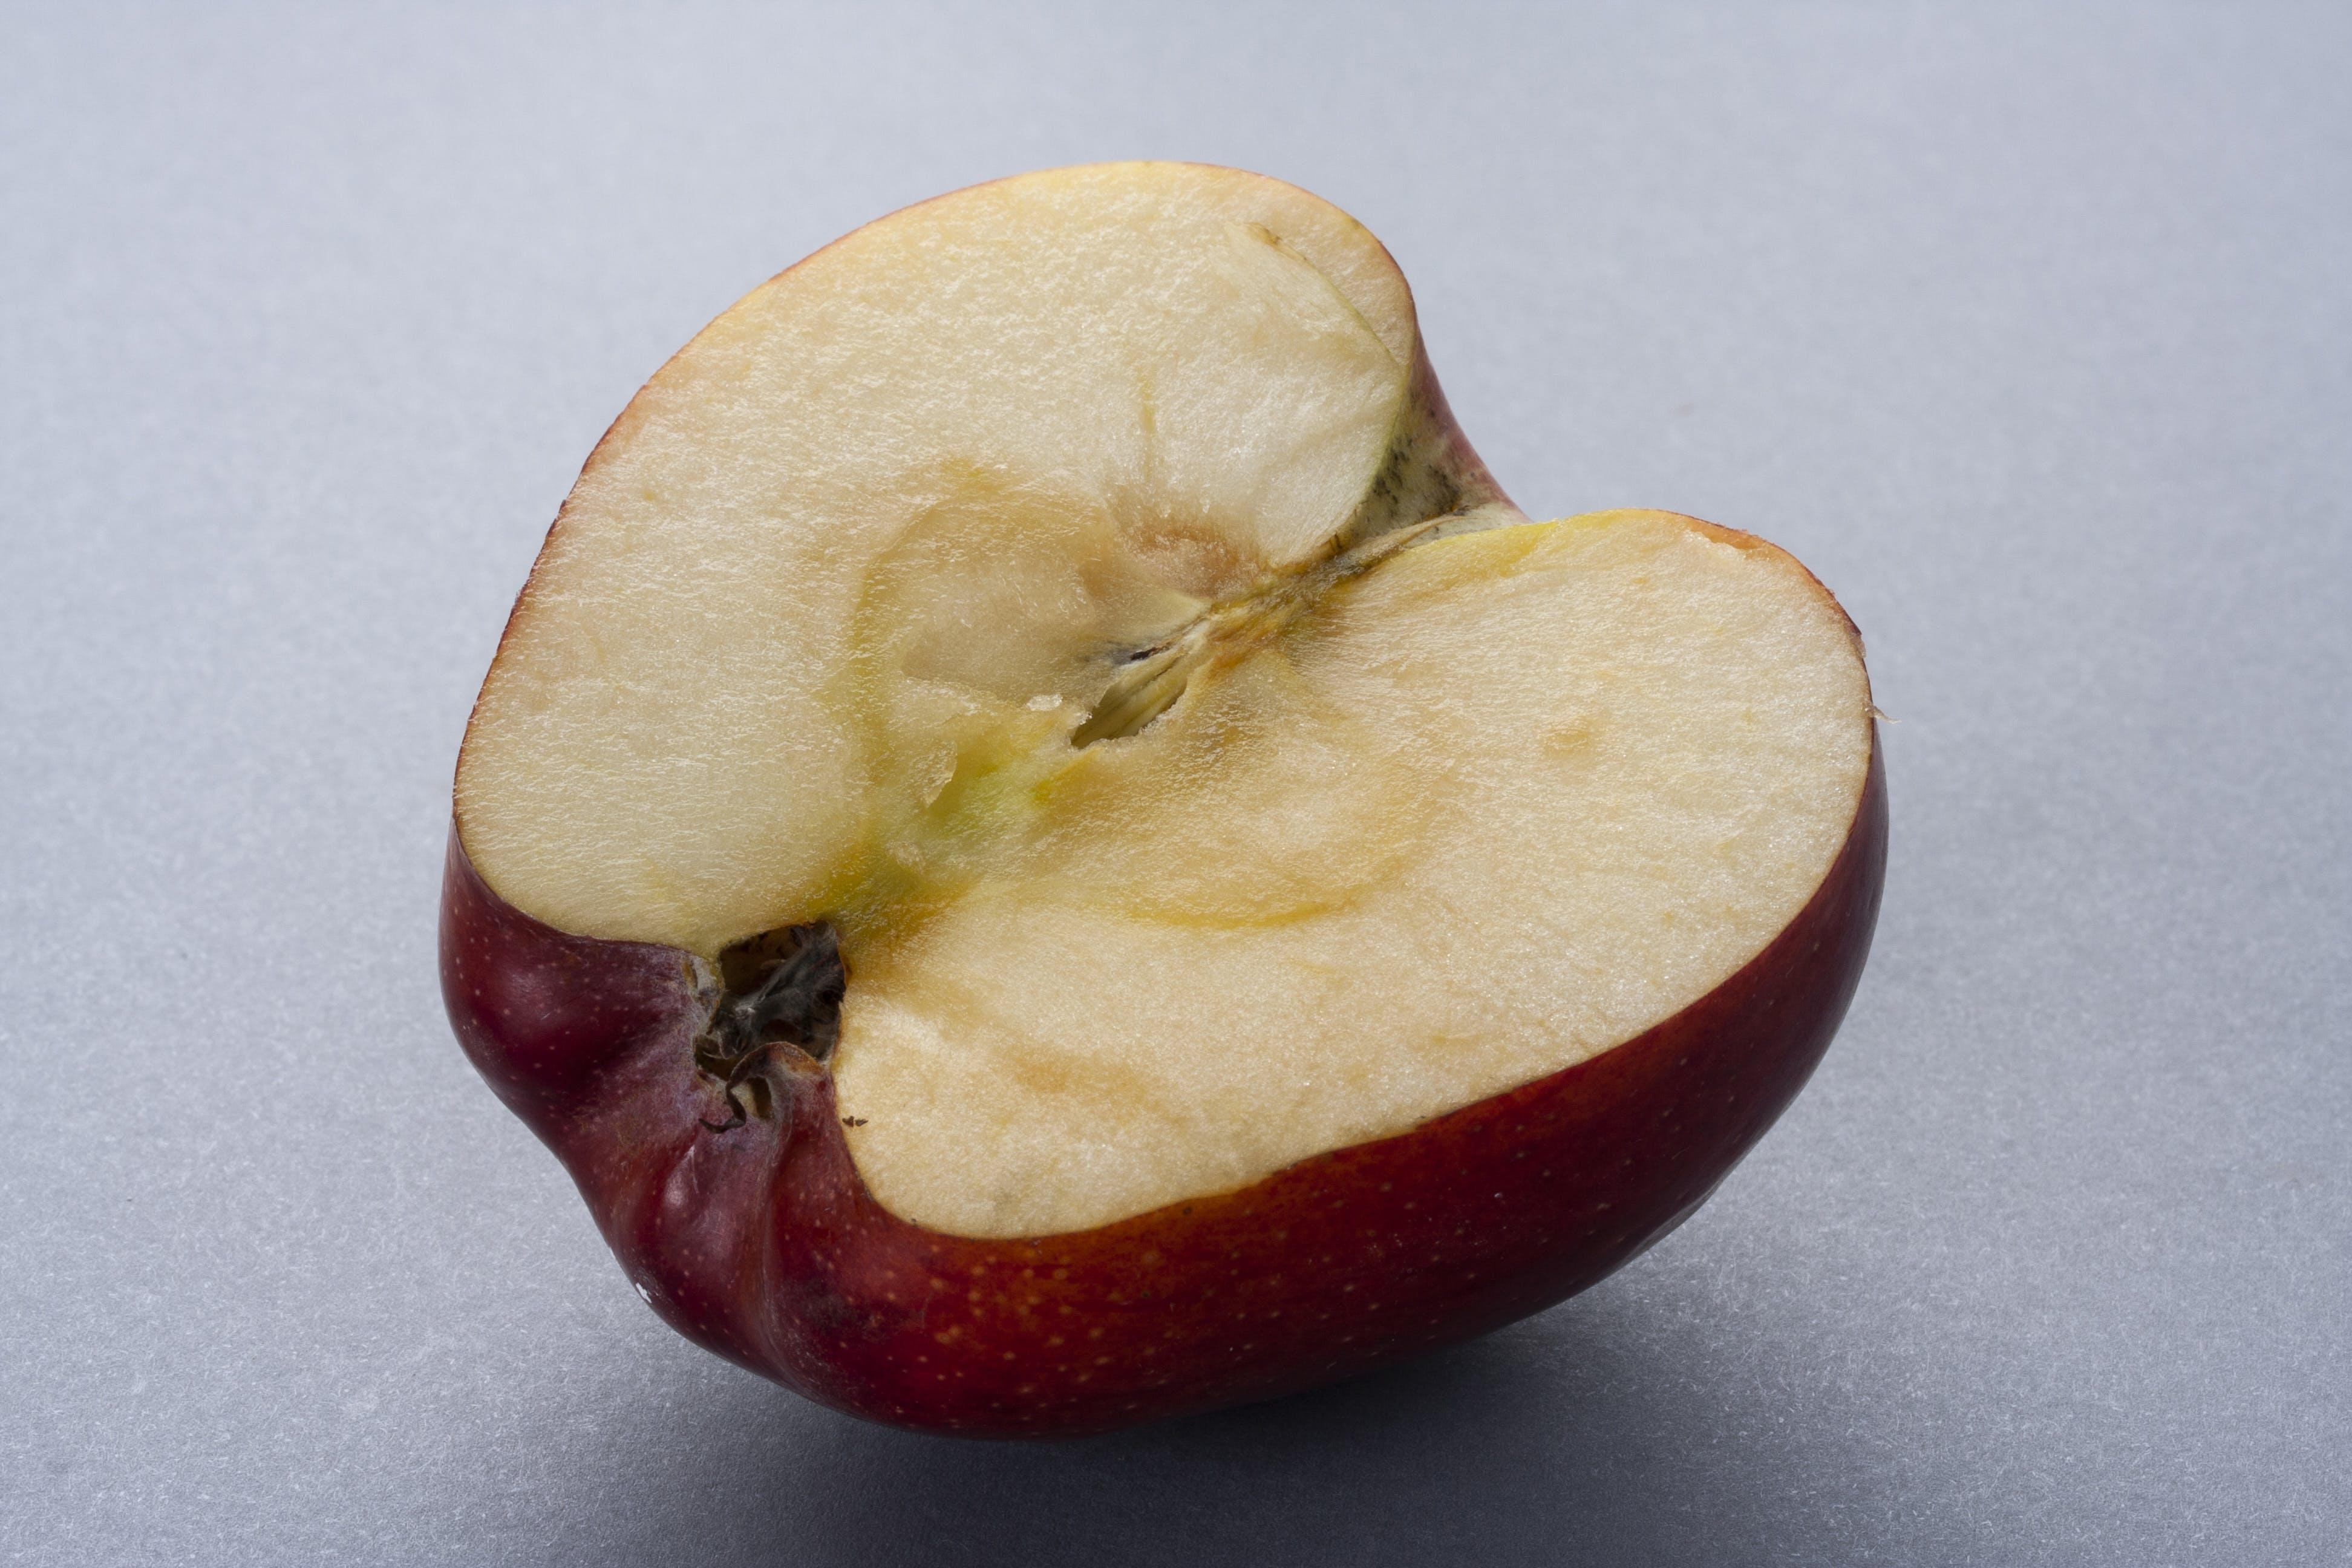 Kostenloses Stock Foto zu apfel, essen, frucht, gemüse